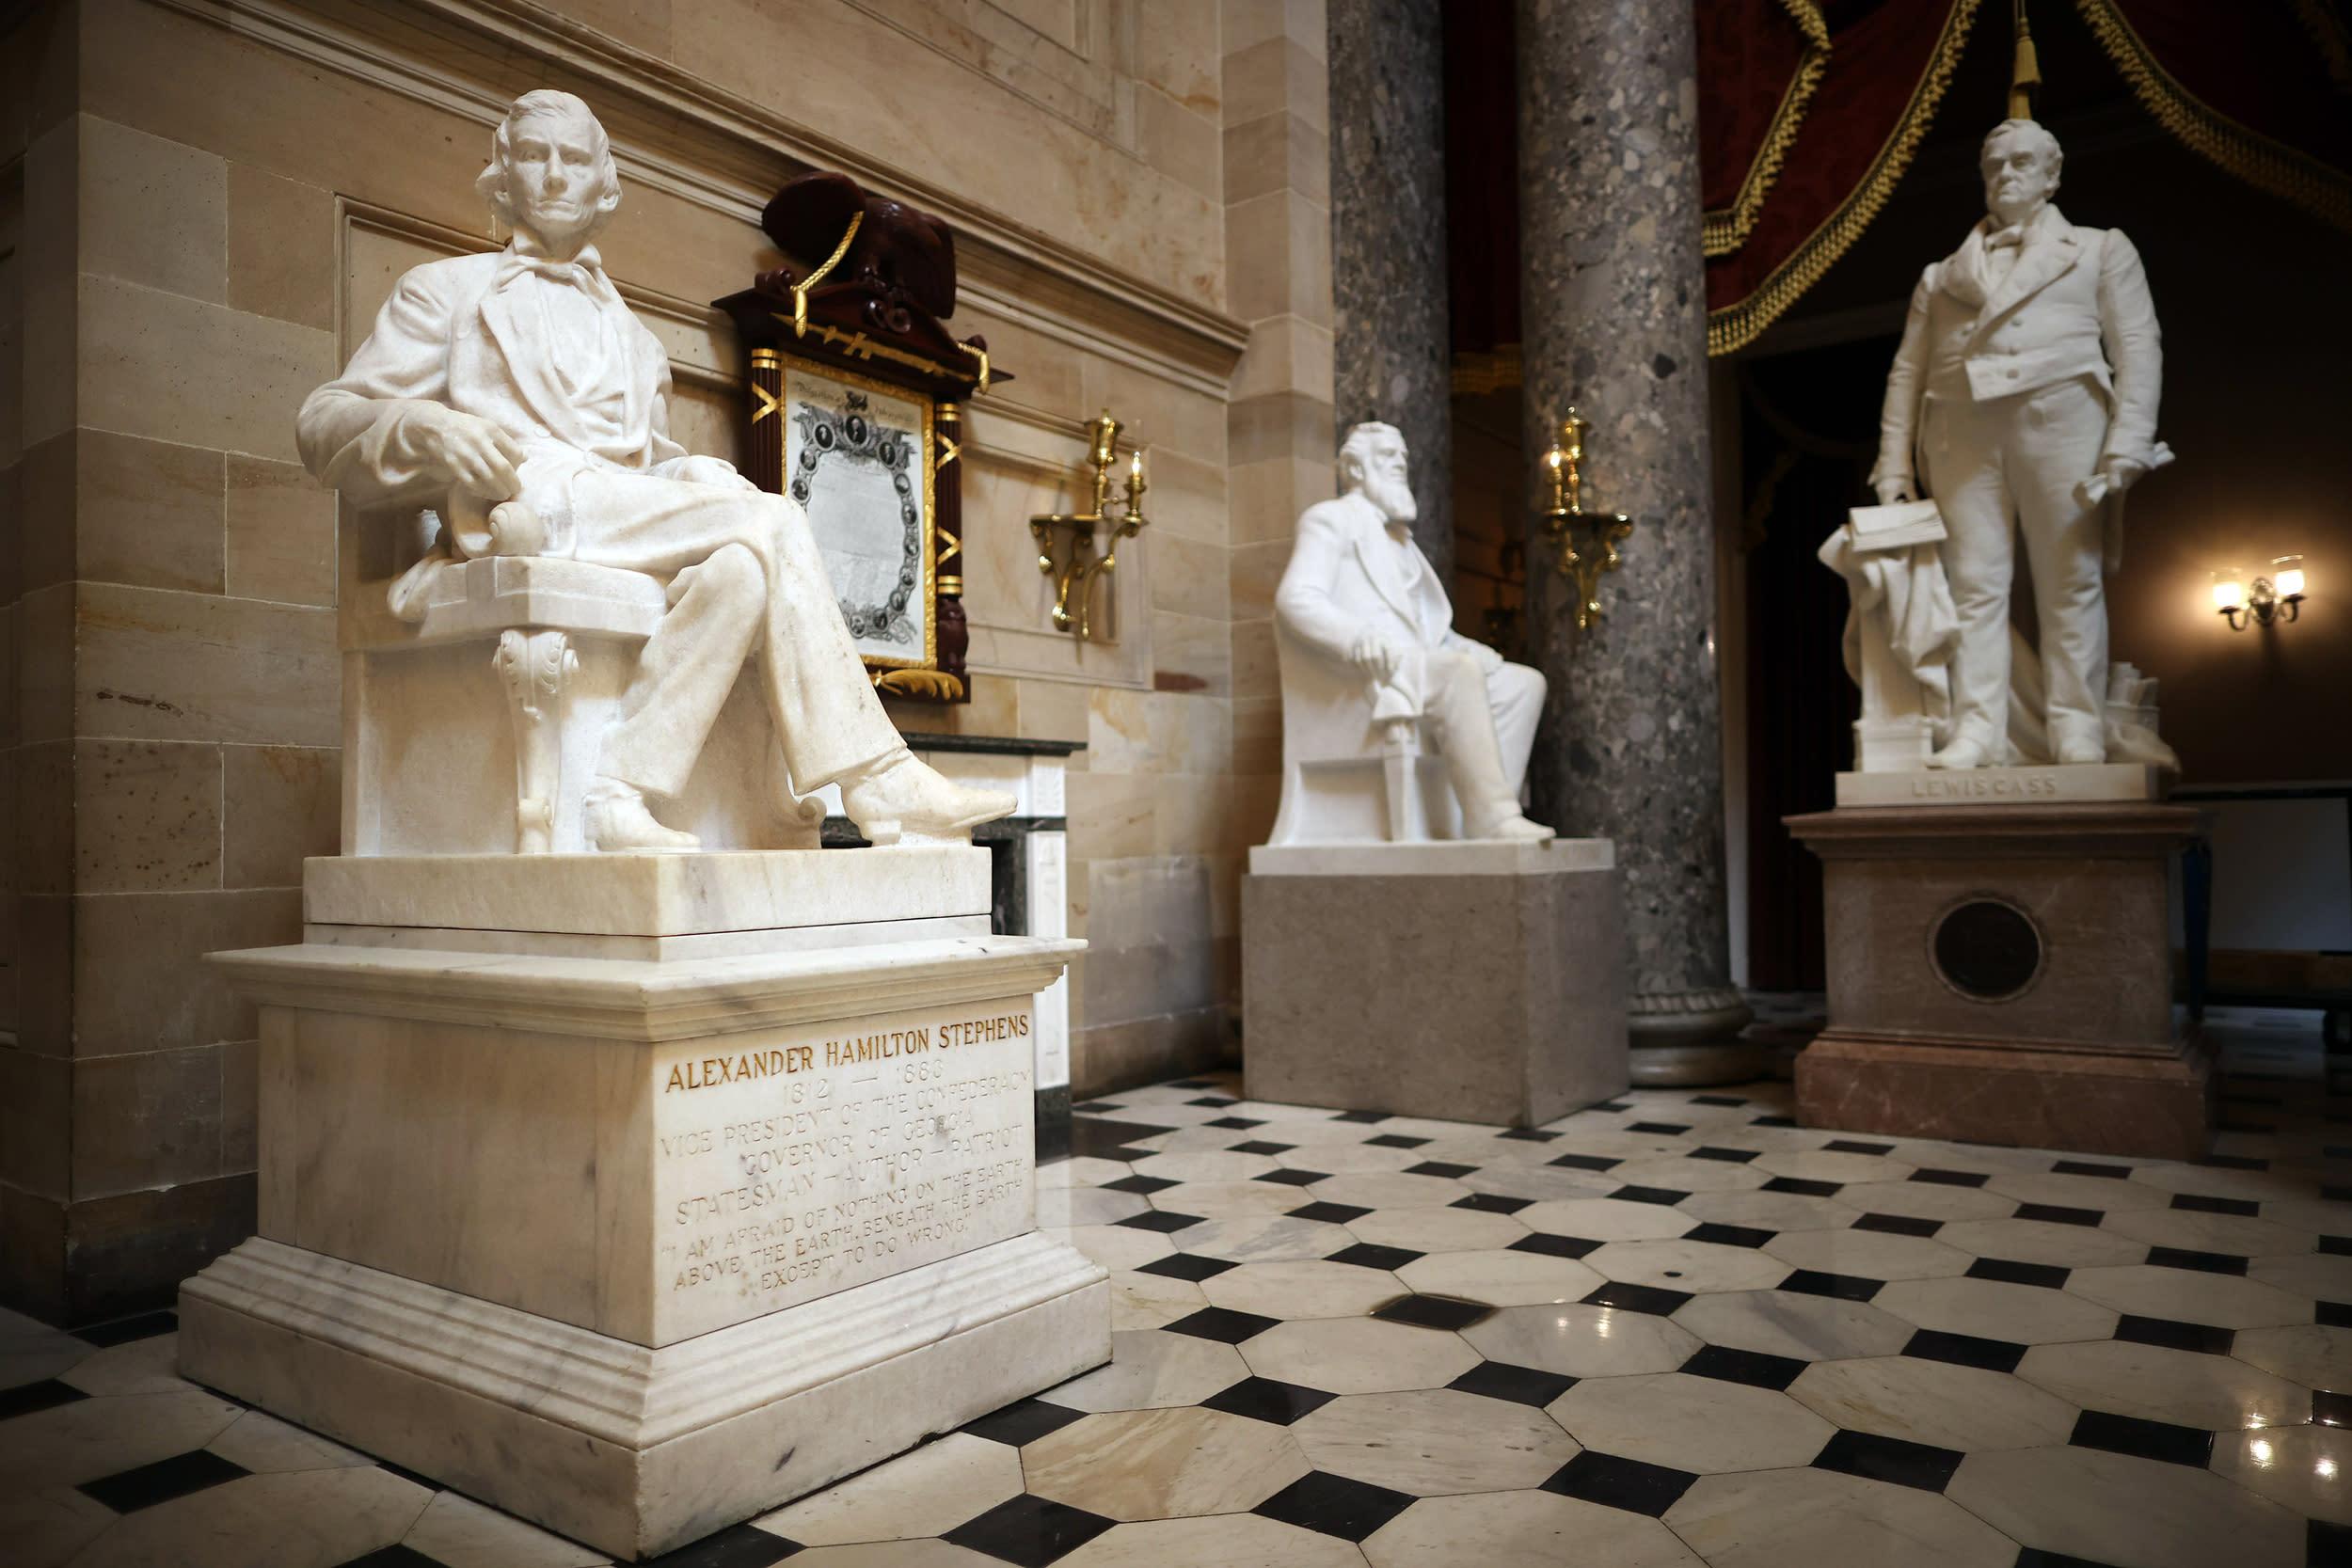 Democrats target memorials to Confederate leaders in government spending bills